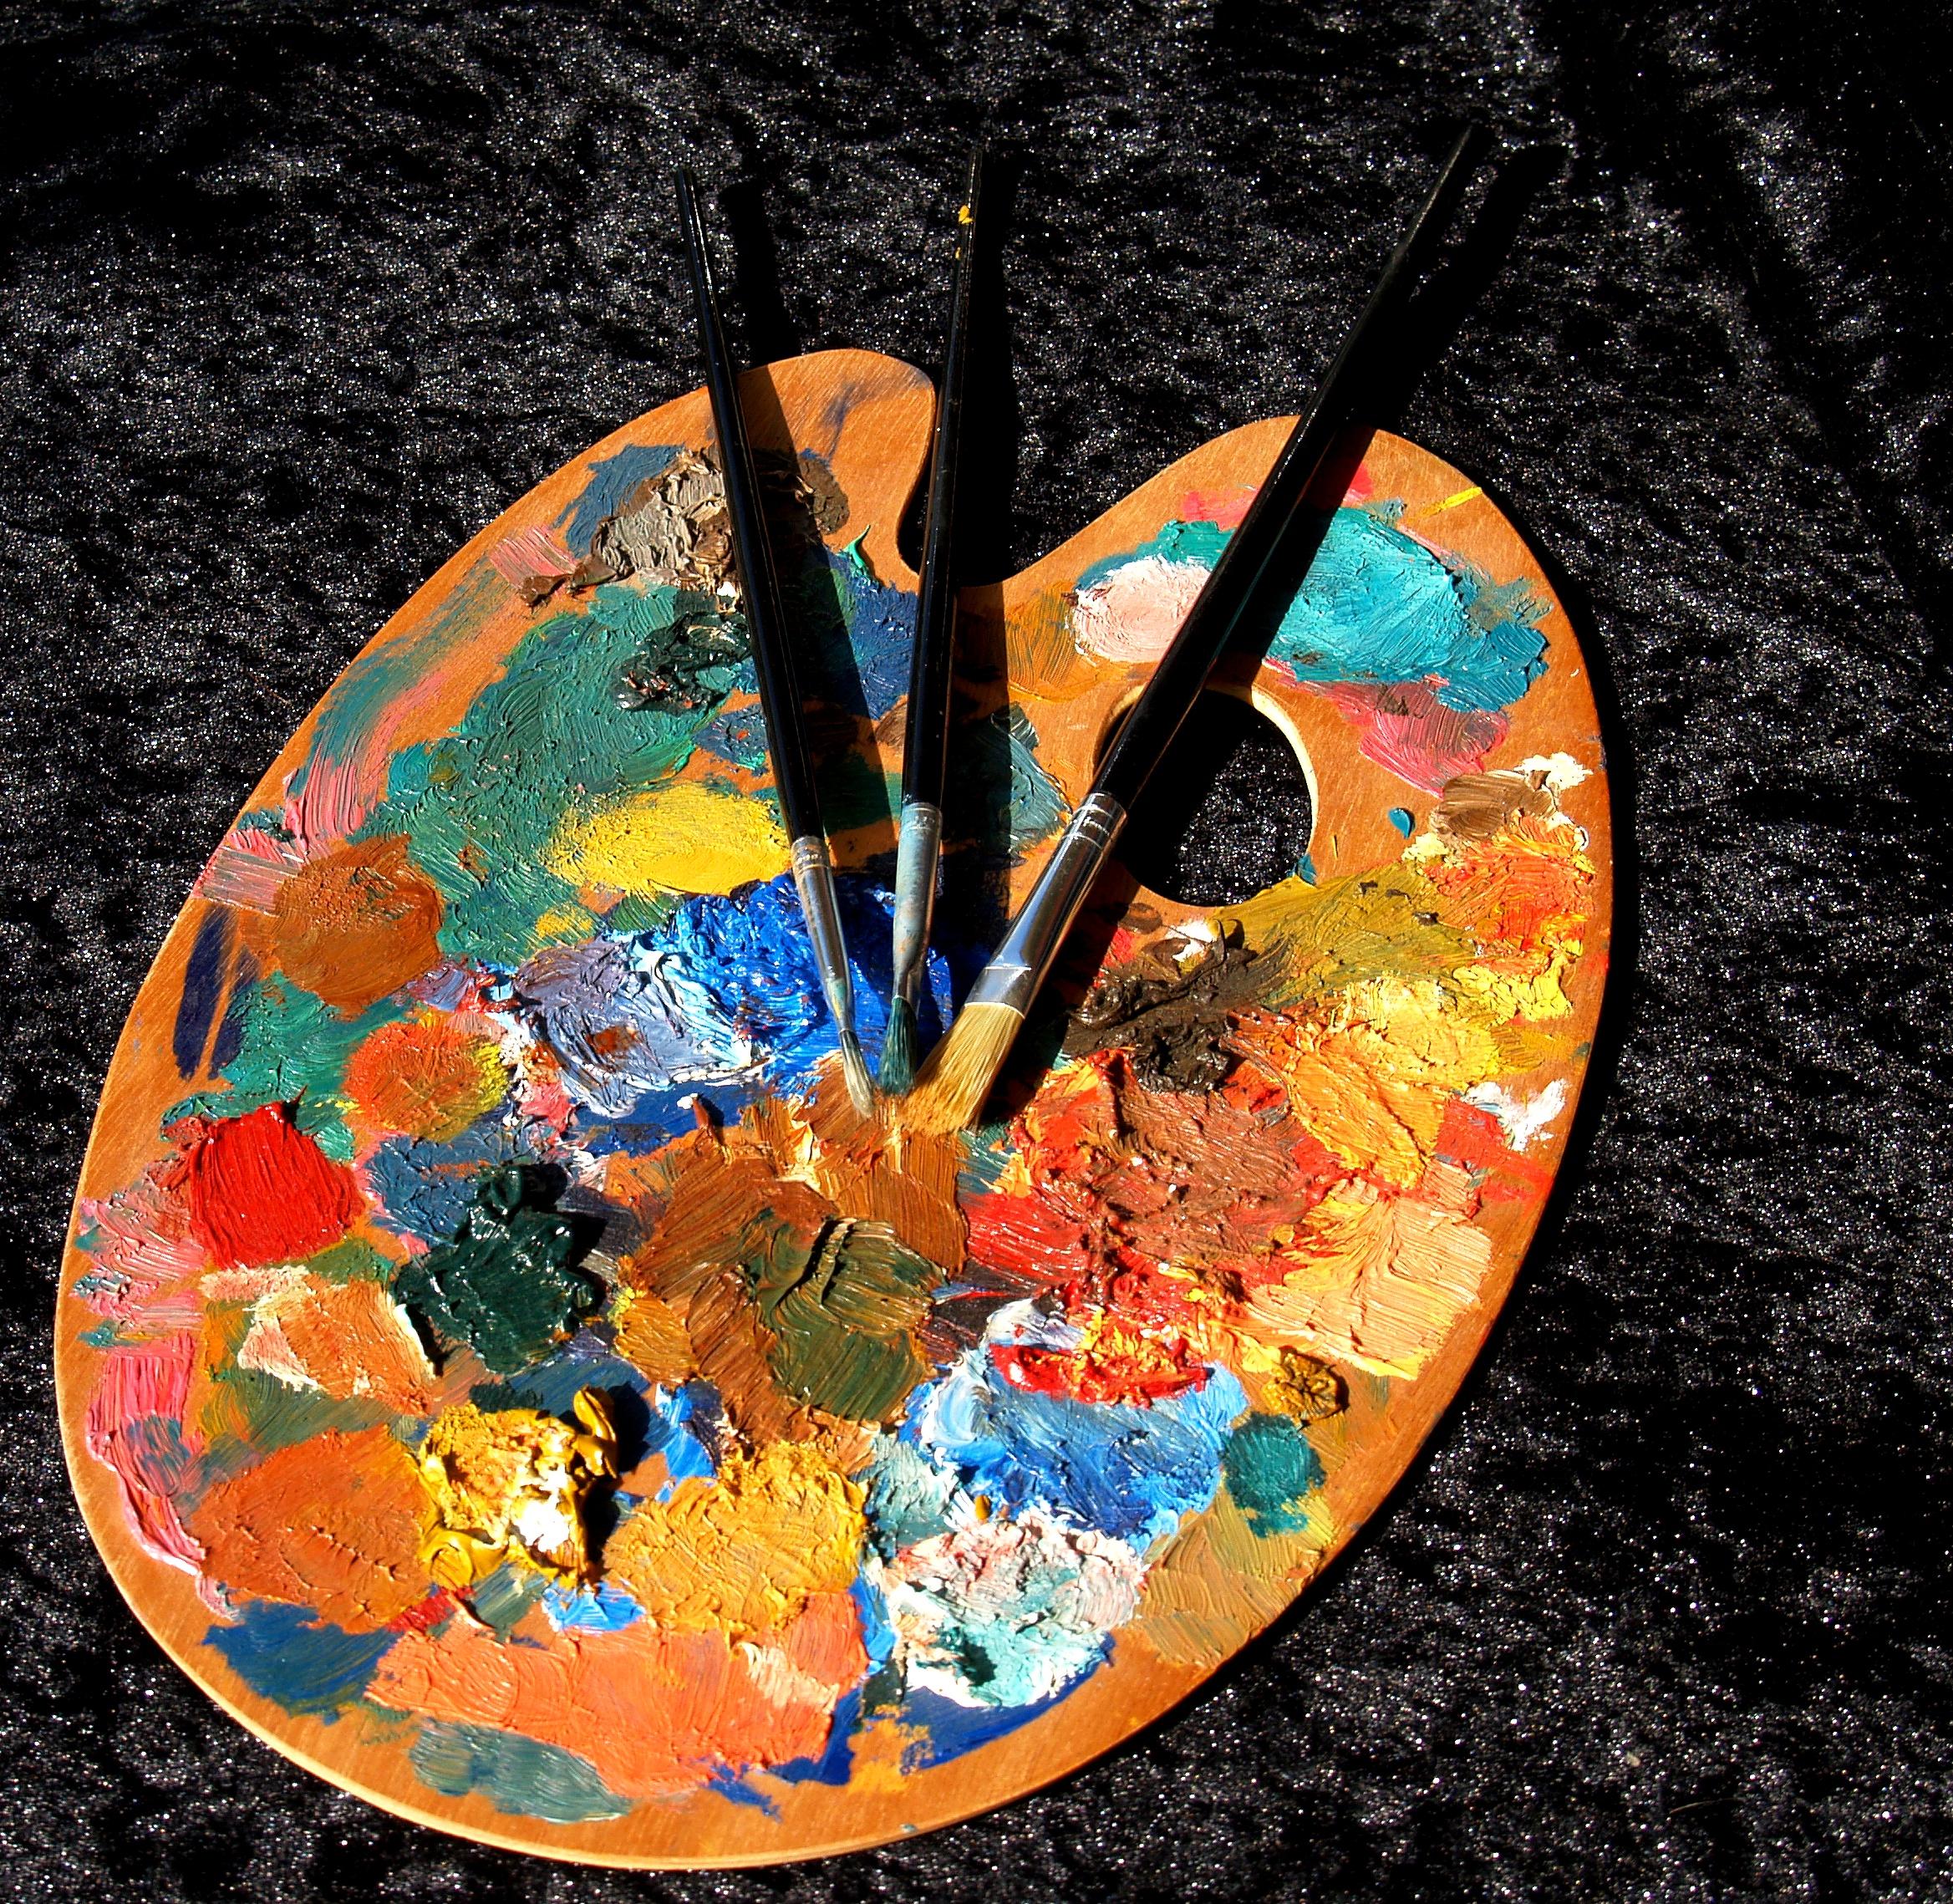 Detalles sobre pintura art stica taringa - Pinturas de madera ...